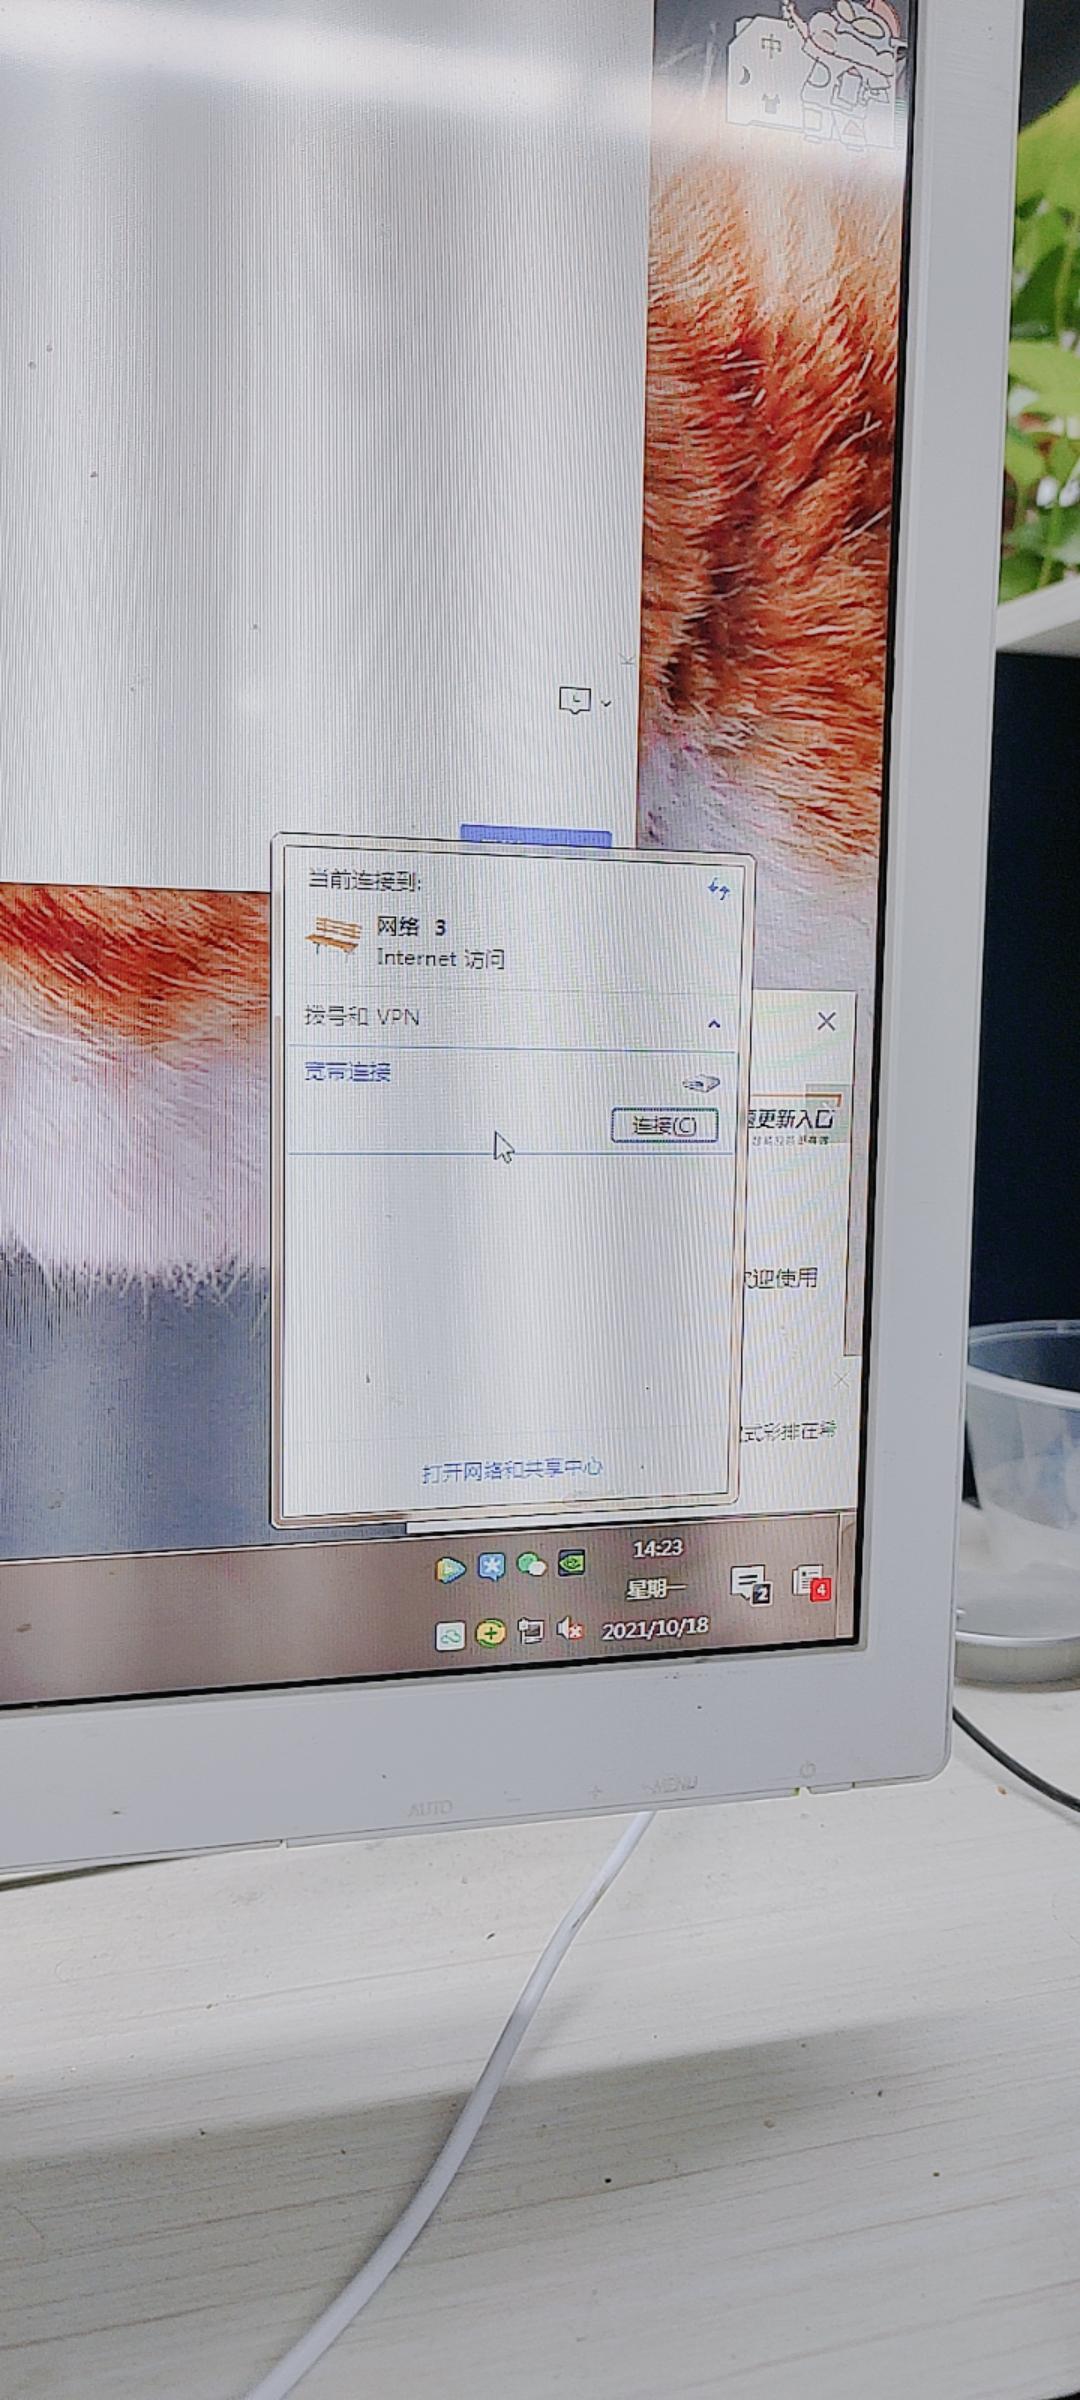 电脑怎么连接校园网?看完这些步骤你就知道了